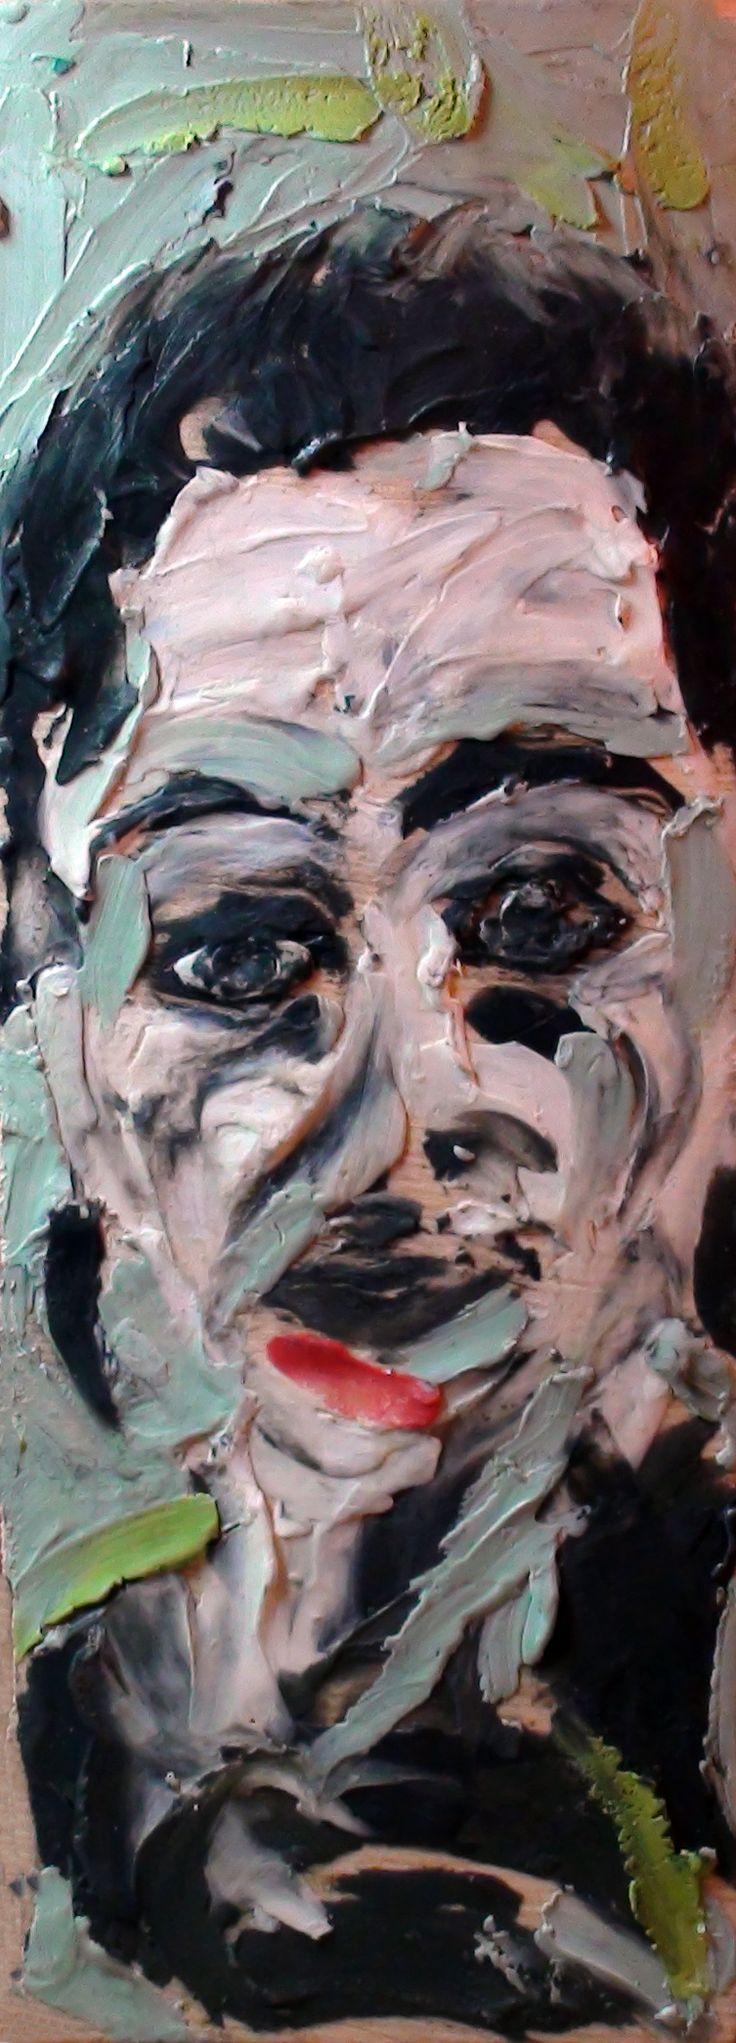 Plastcine Art - A woman's face